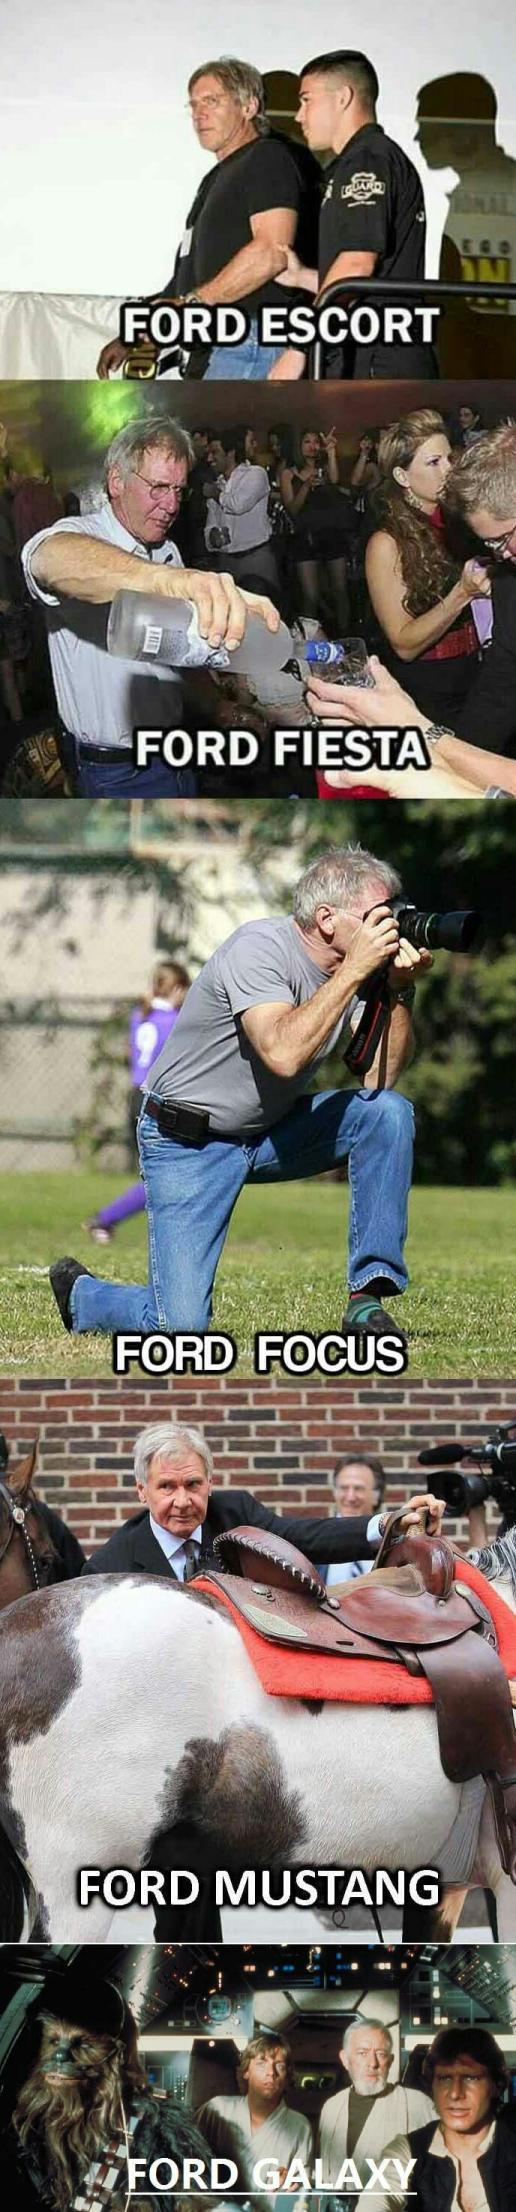 Obrázek foraforbforcford